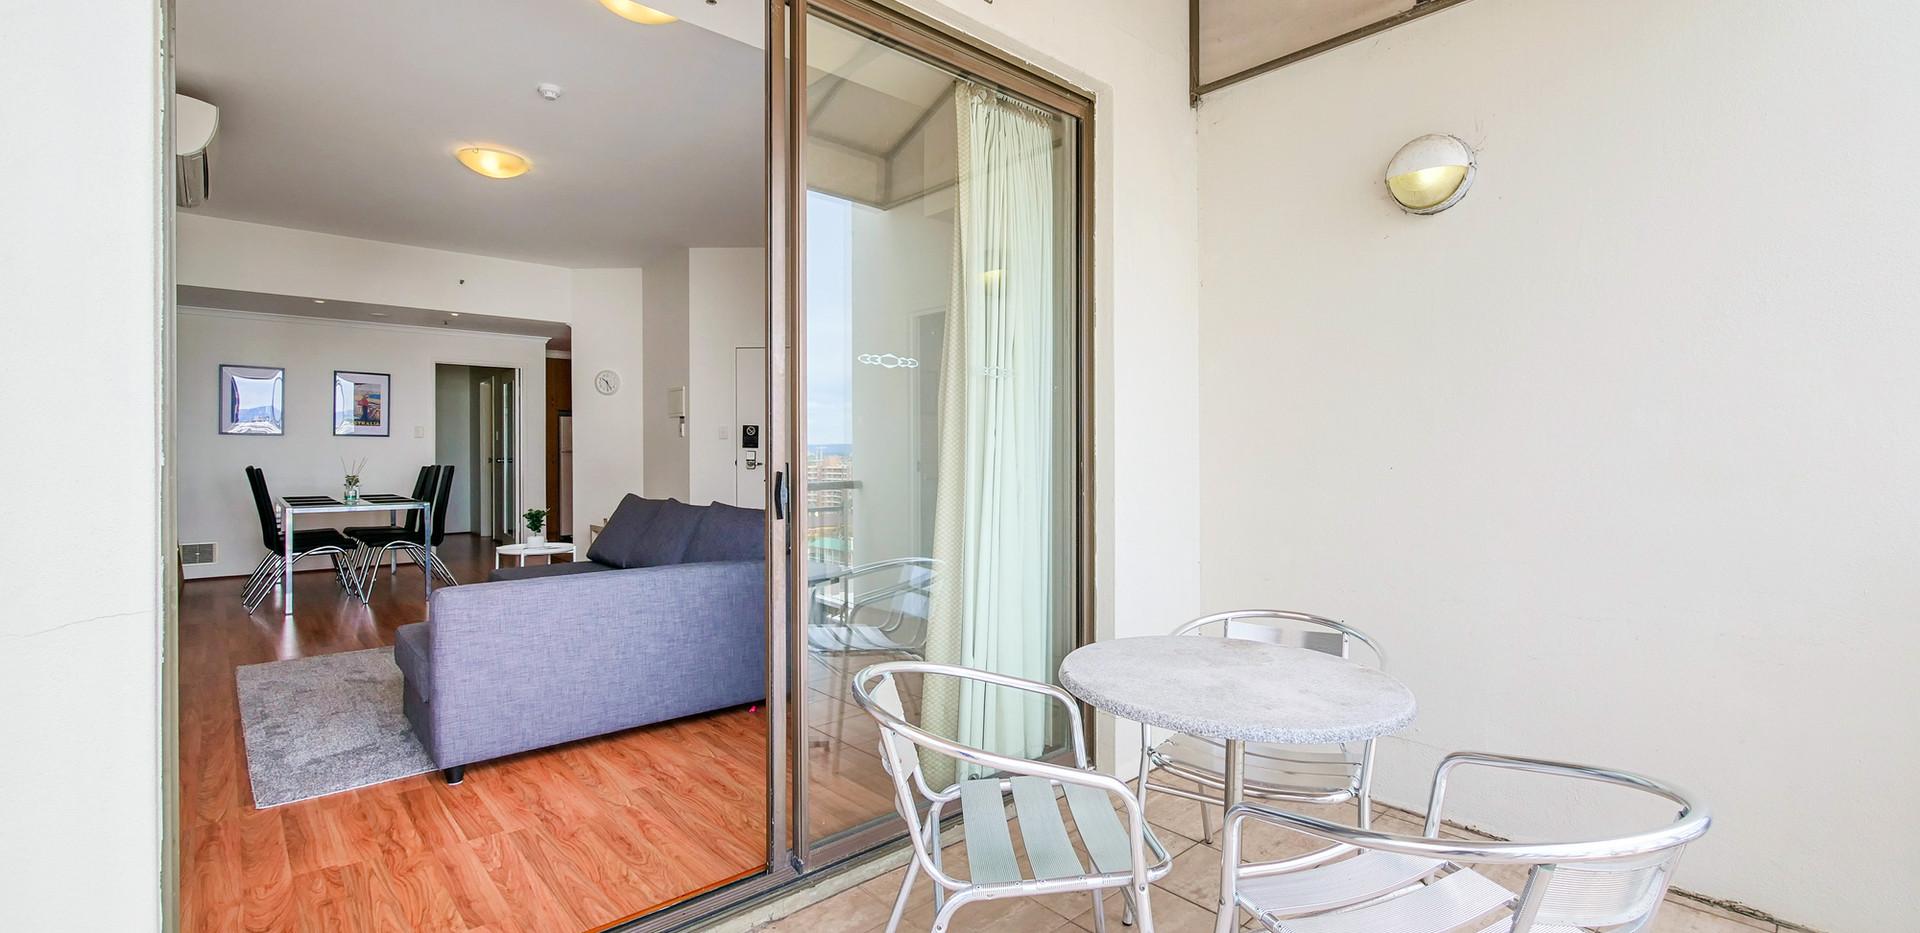 9. Balcony Lounge - Two Bedroom Penthous